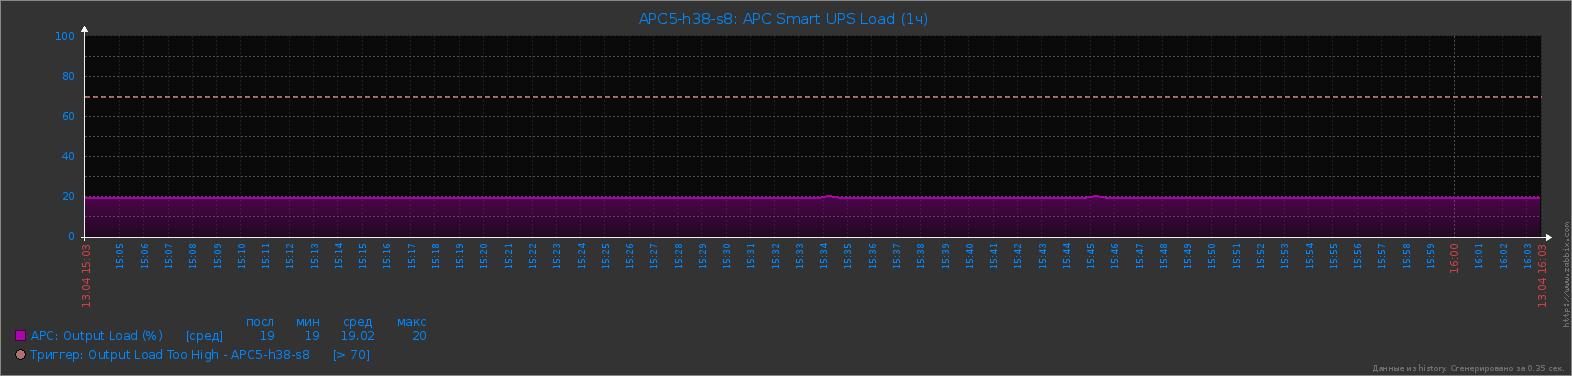 APC Smart UPS - Load